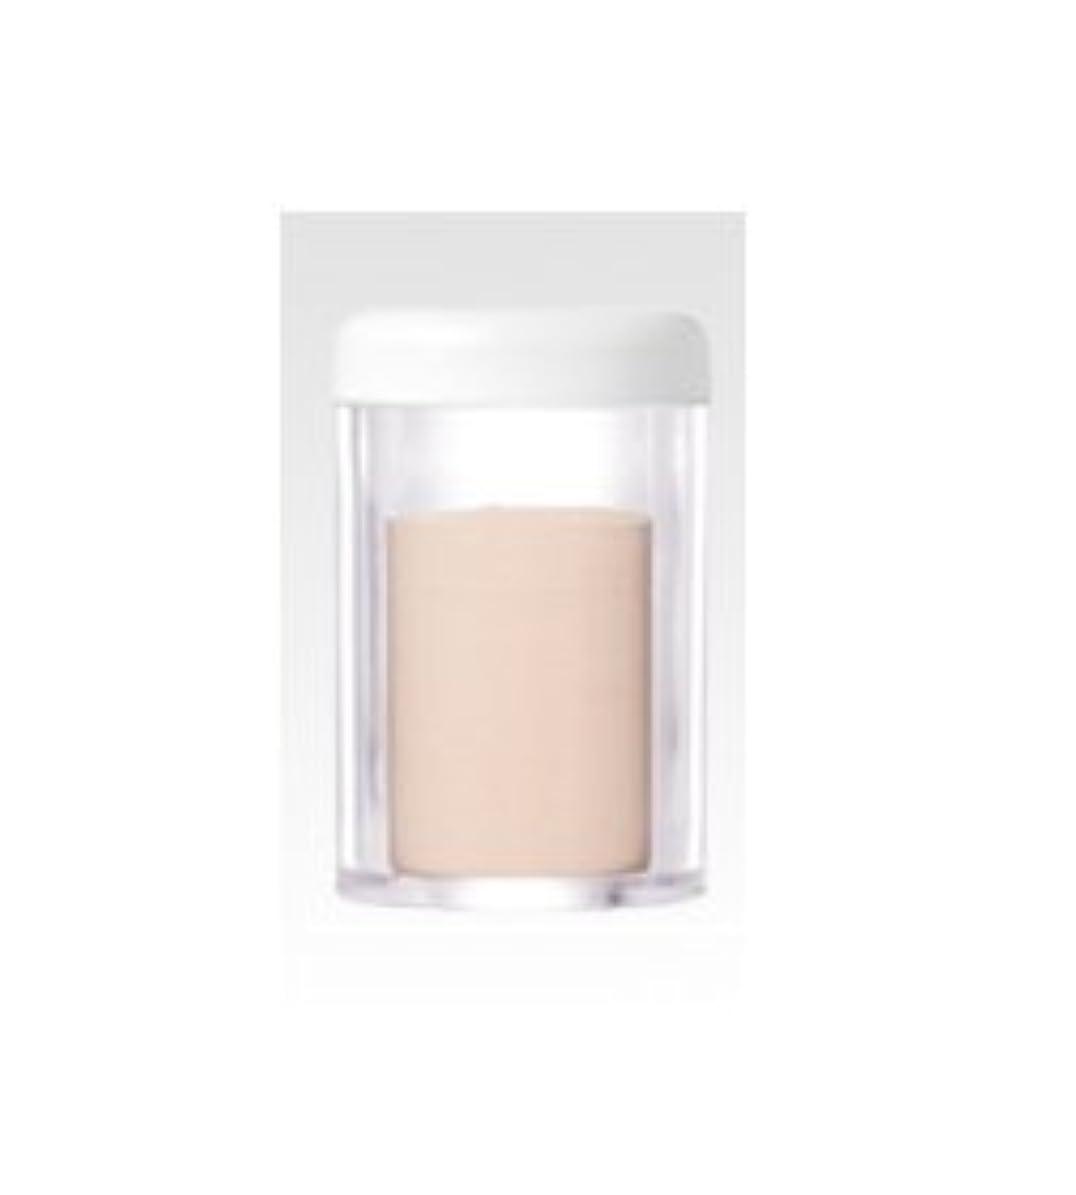 シュリンクブレース面積ゲマイン UVパウダーリフィル(詰替用) /6g(全2色) SPF50+ / PA+++【ナチュラルライト】